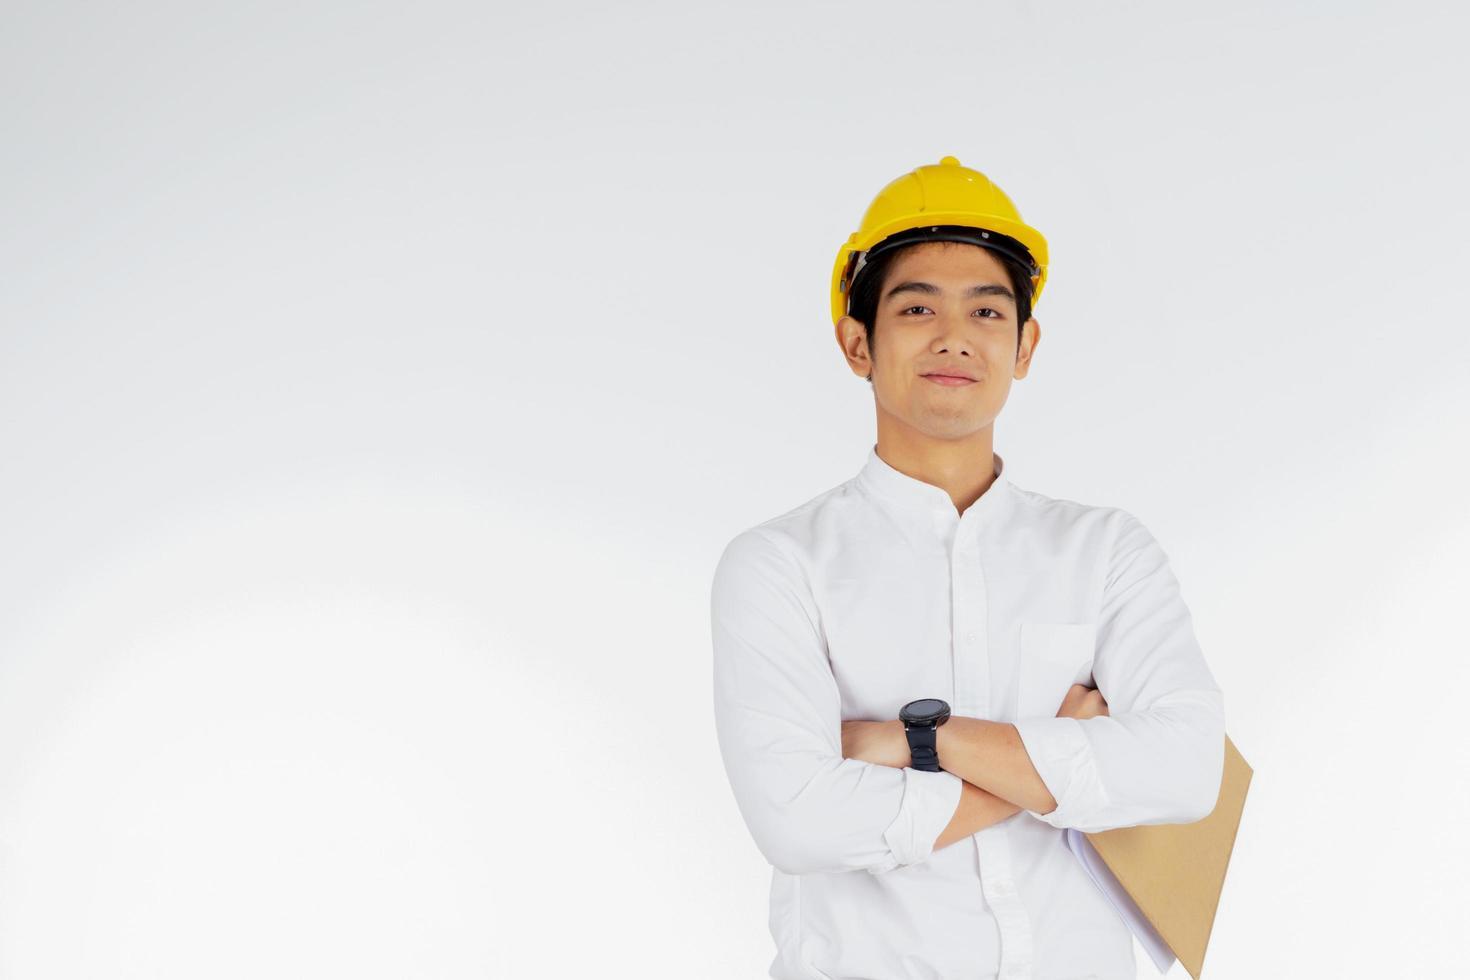 ingenieur die bouwvakker met klembord draagt foto